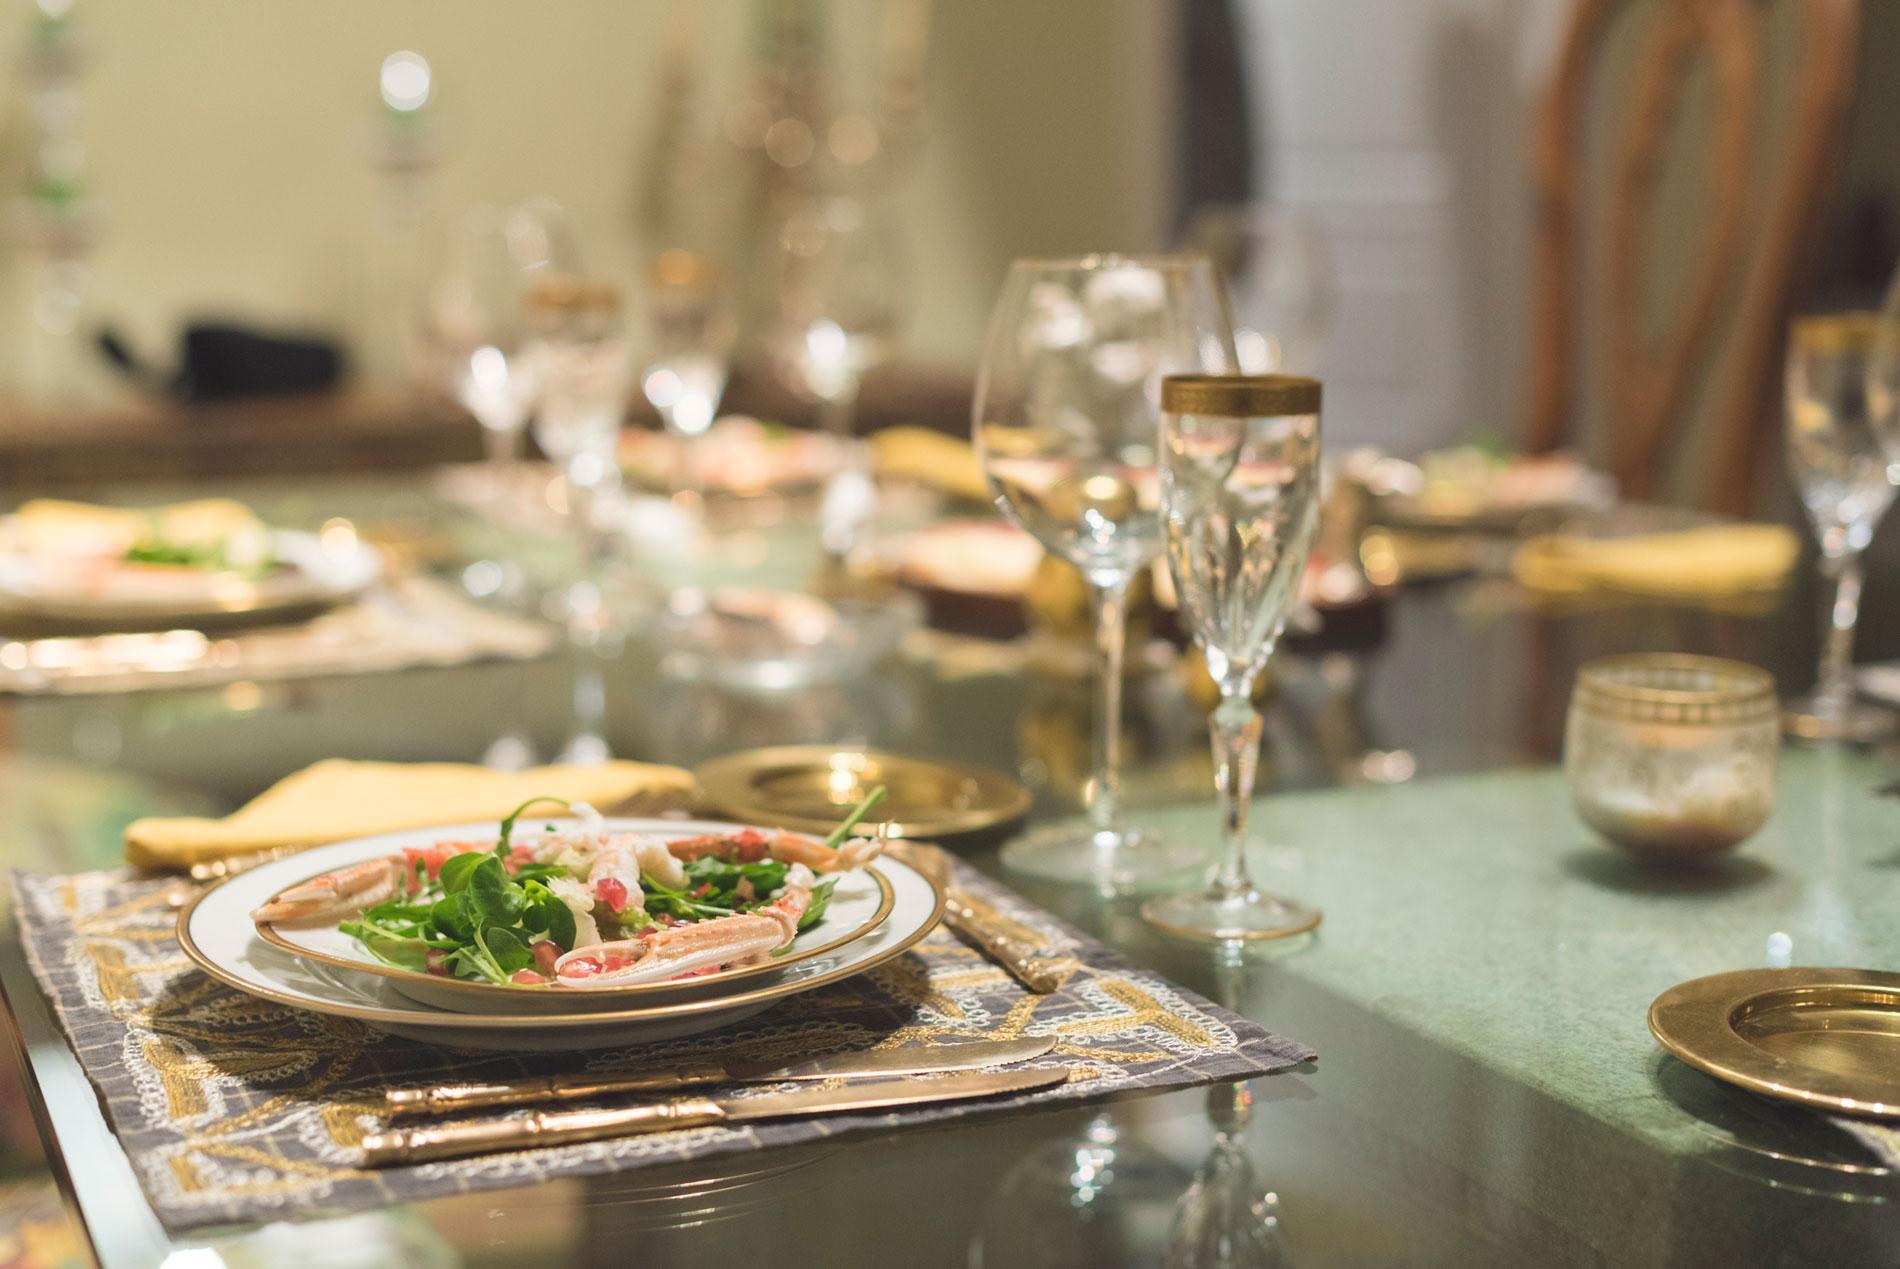 Foie Gras, Escargots, Saumon : 15 Recettes Du0027entrées Chics Pour Le Nouvel An